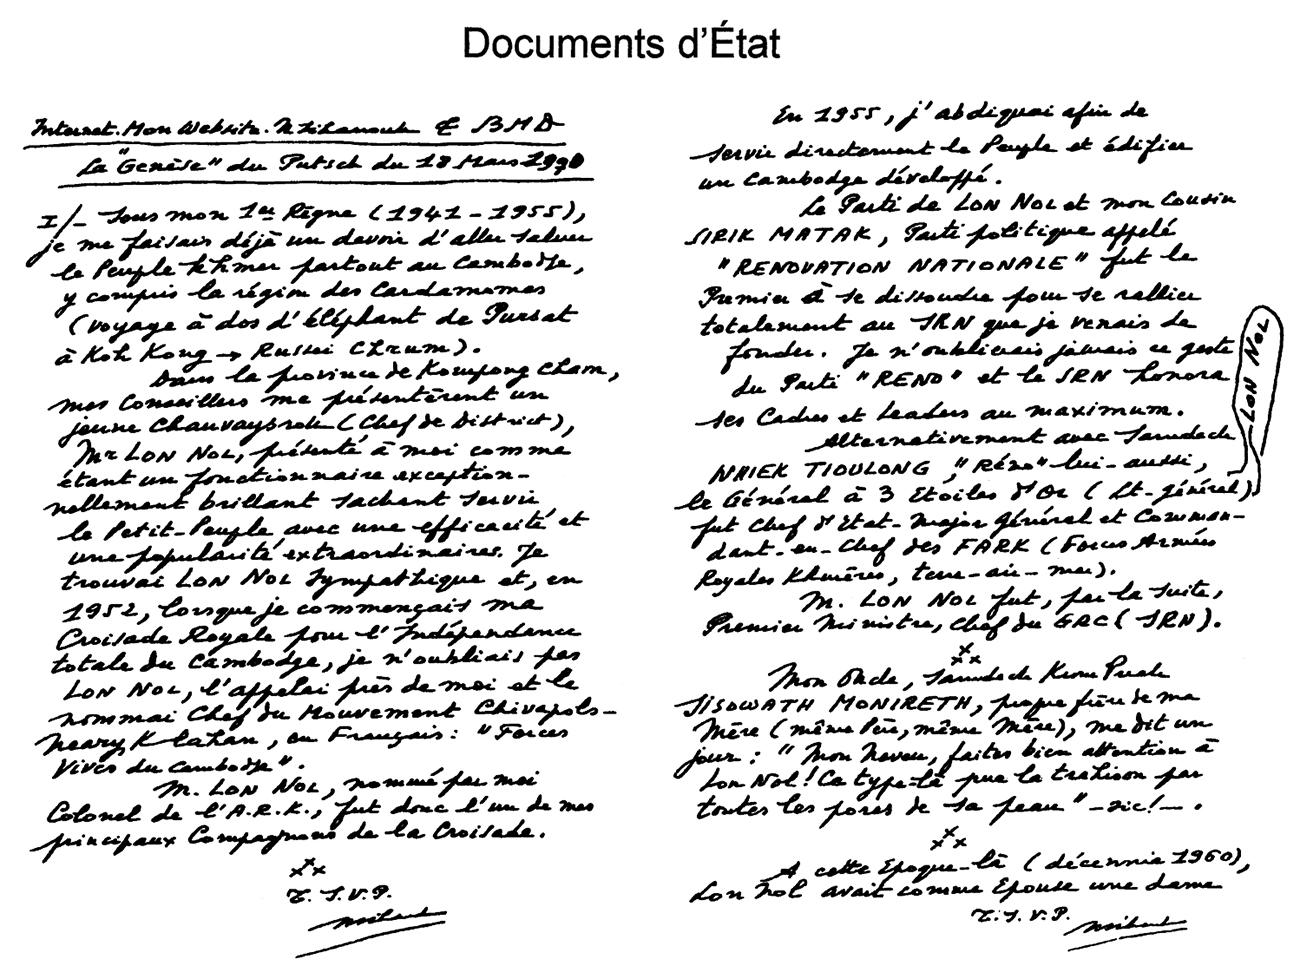 All/document/Documents/LaGenseduPutschdu18Mars1970/LaGenseduPutschdu18Mars1970/id2320/photo001.jpg